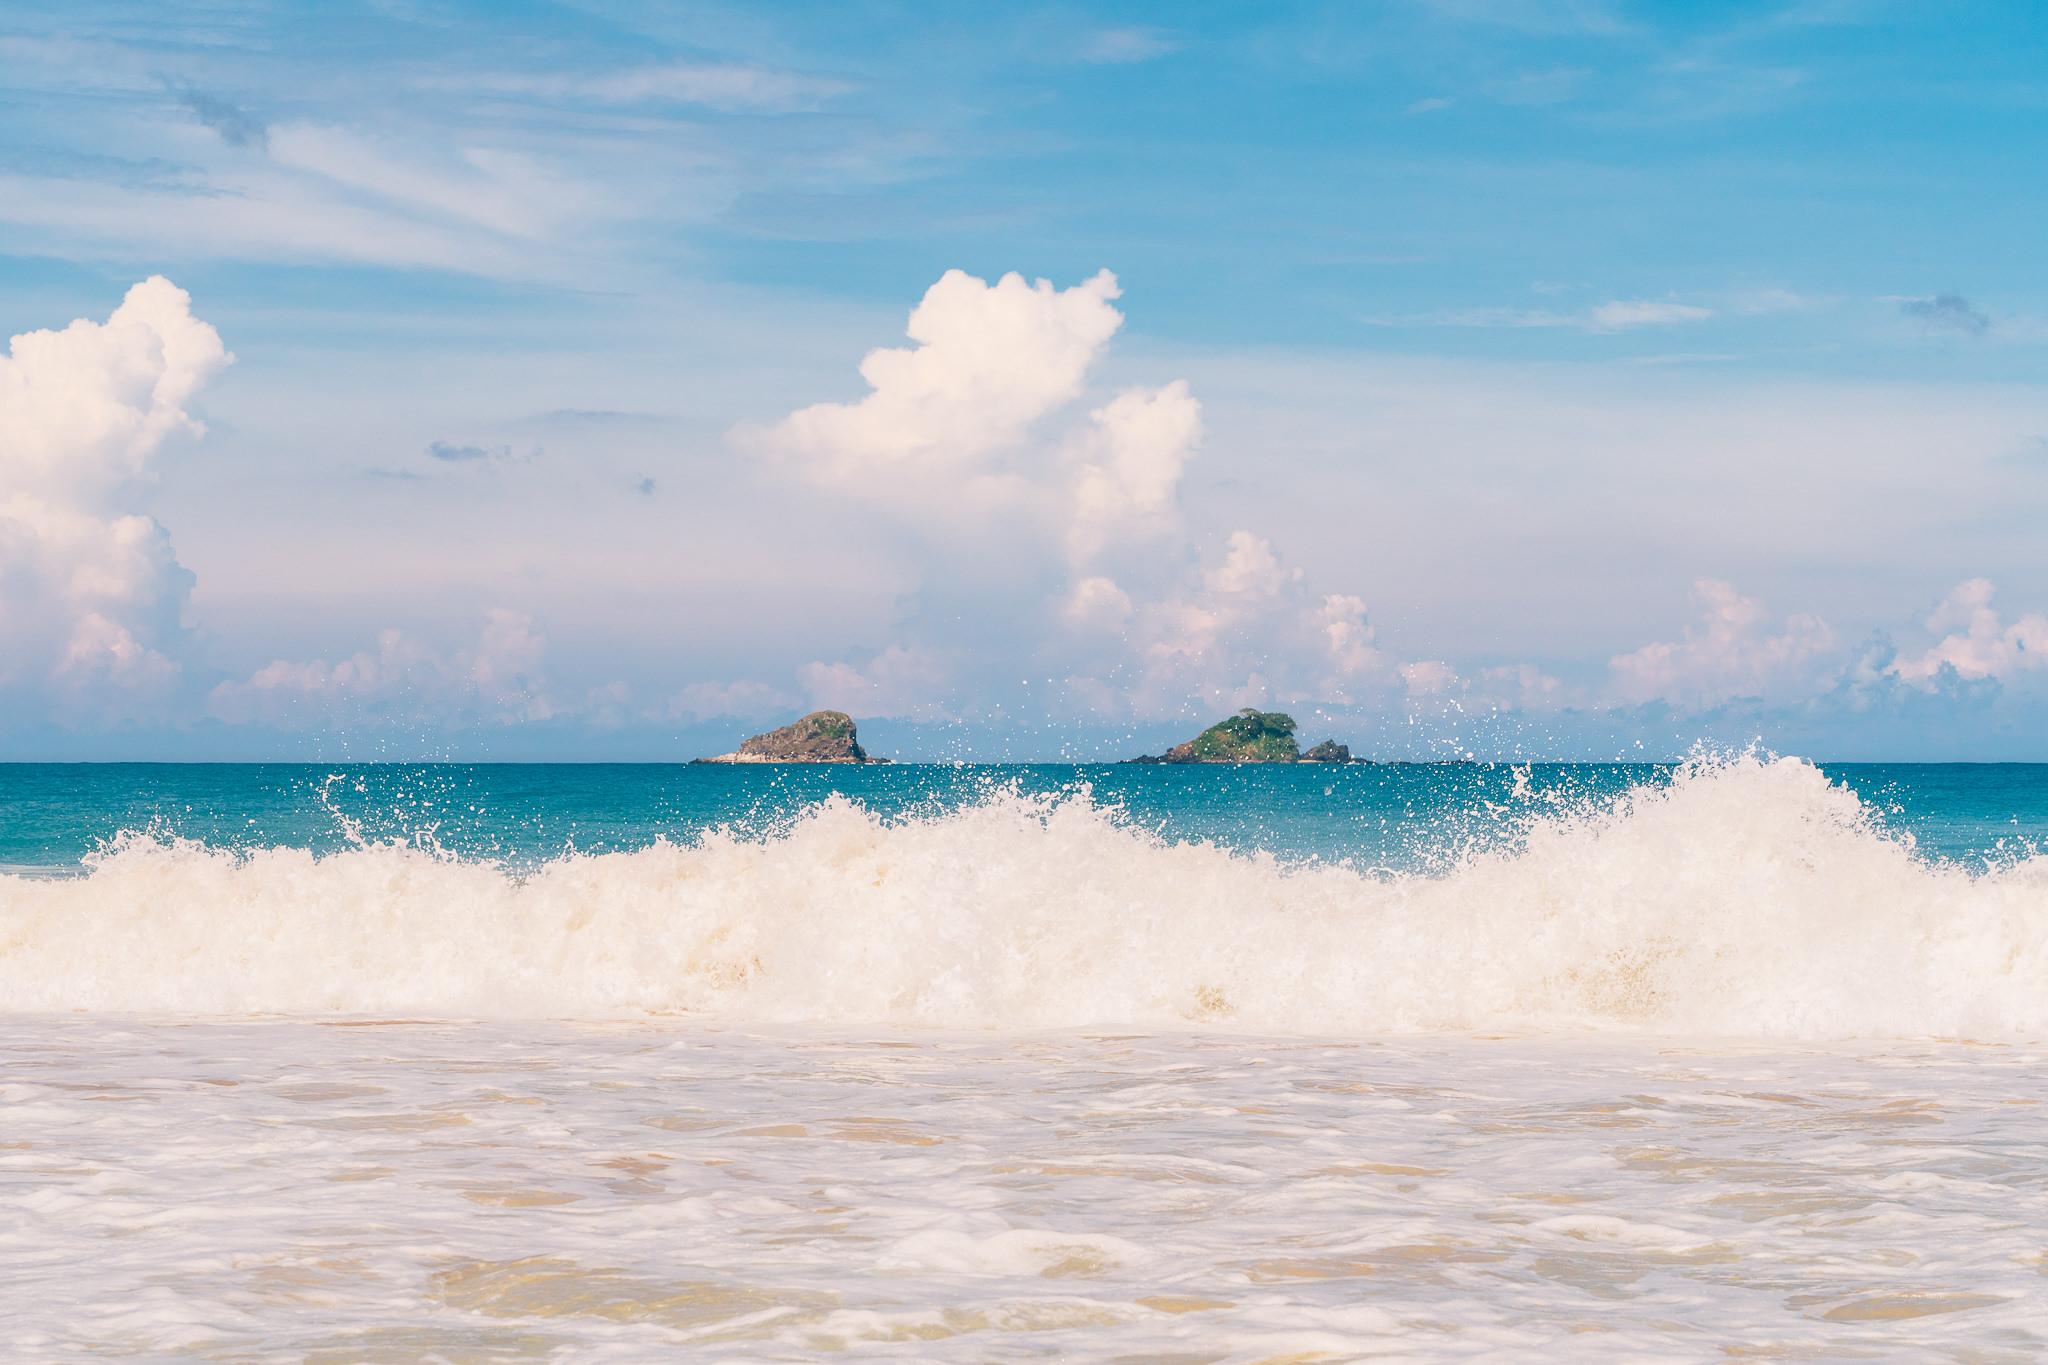 Photo Journey 003 - Nacpan Beach-9.jpg